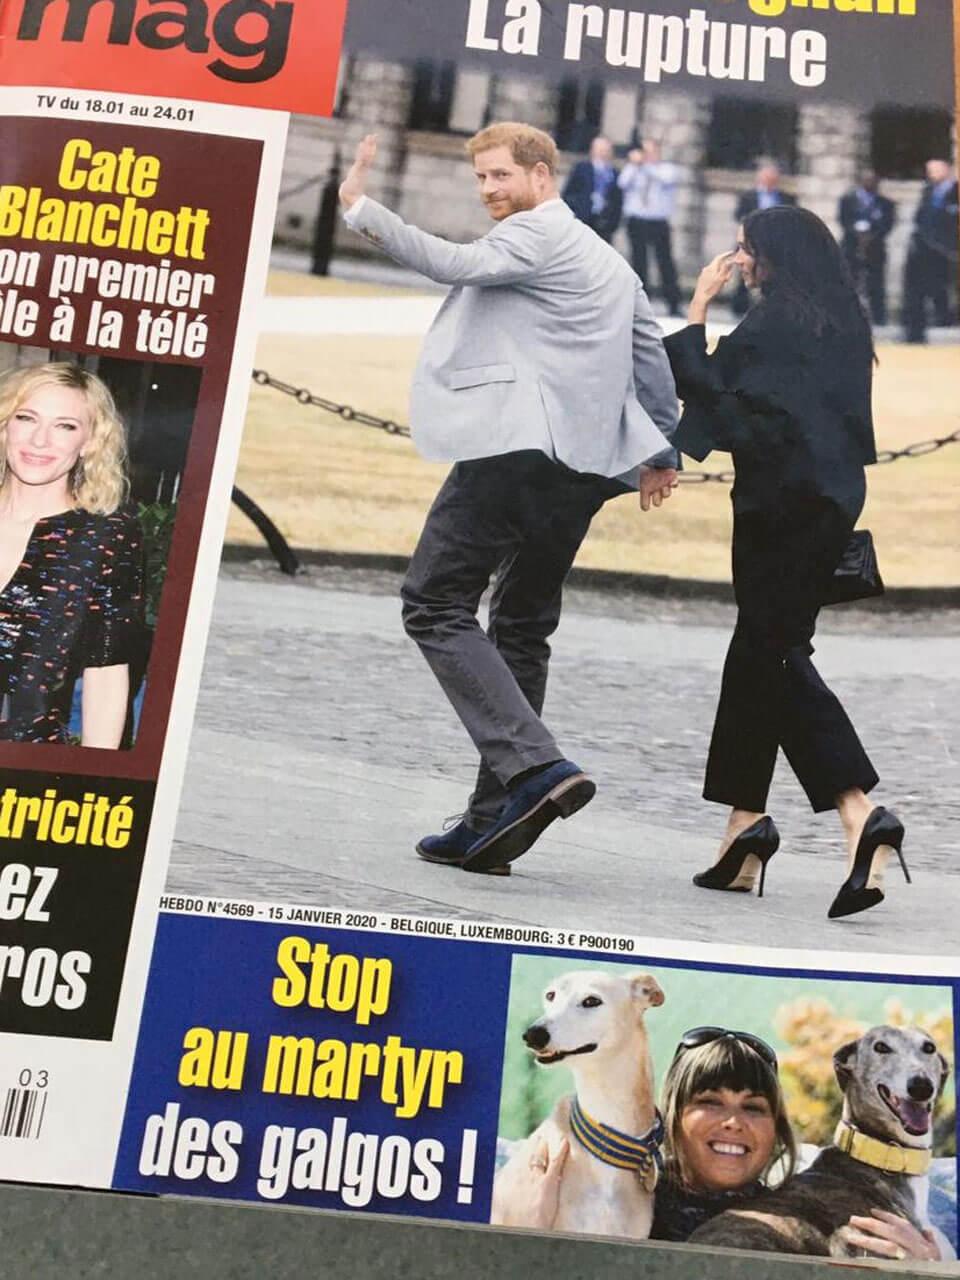 Campaña anticaza en medios europeos